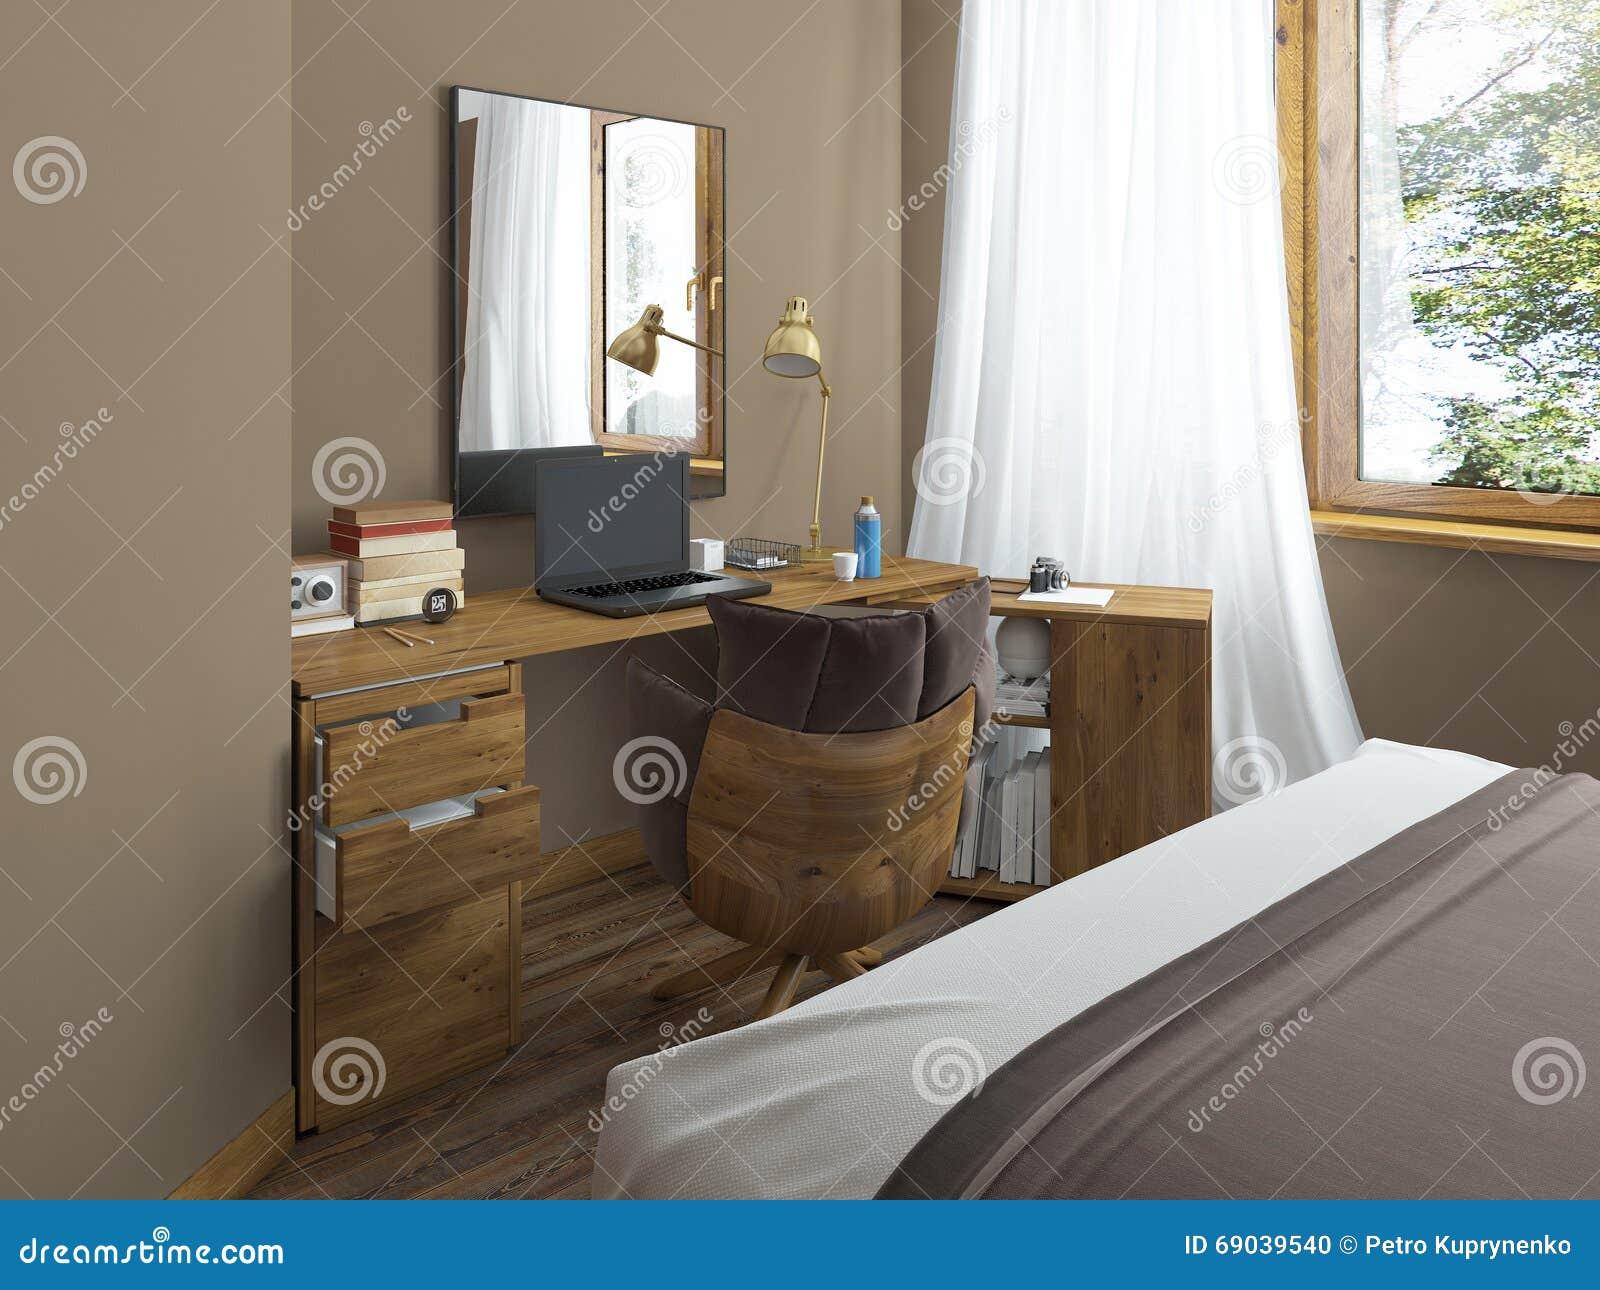 http://dash.ec/pdf.php?q=download-le-camp-des-saints-pre%CC%81ce%CC%81de-de-big-other-roman.html